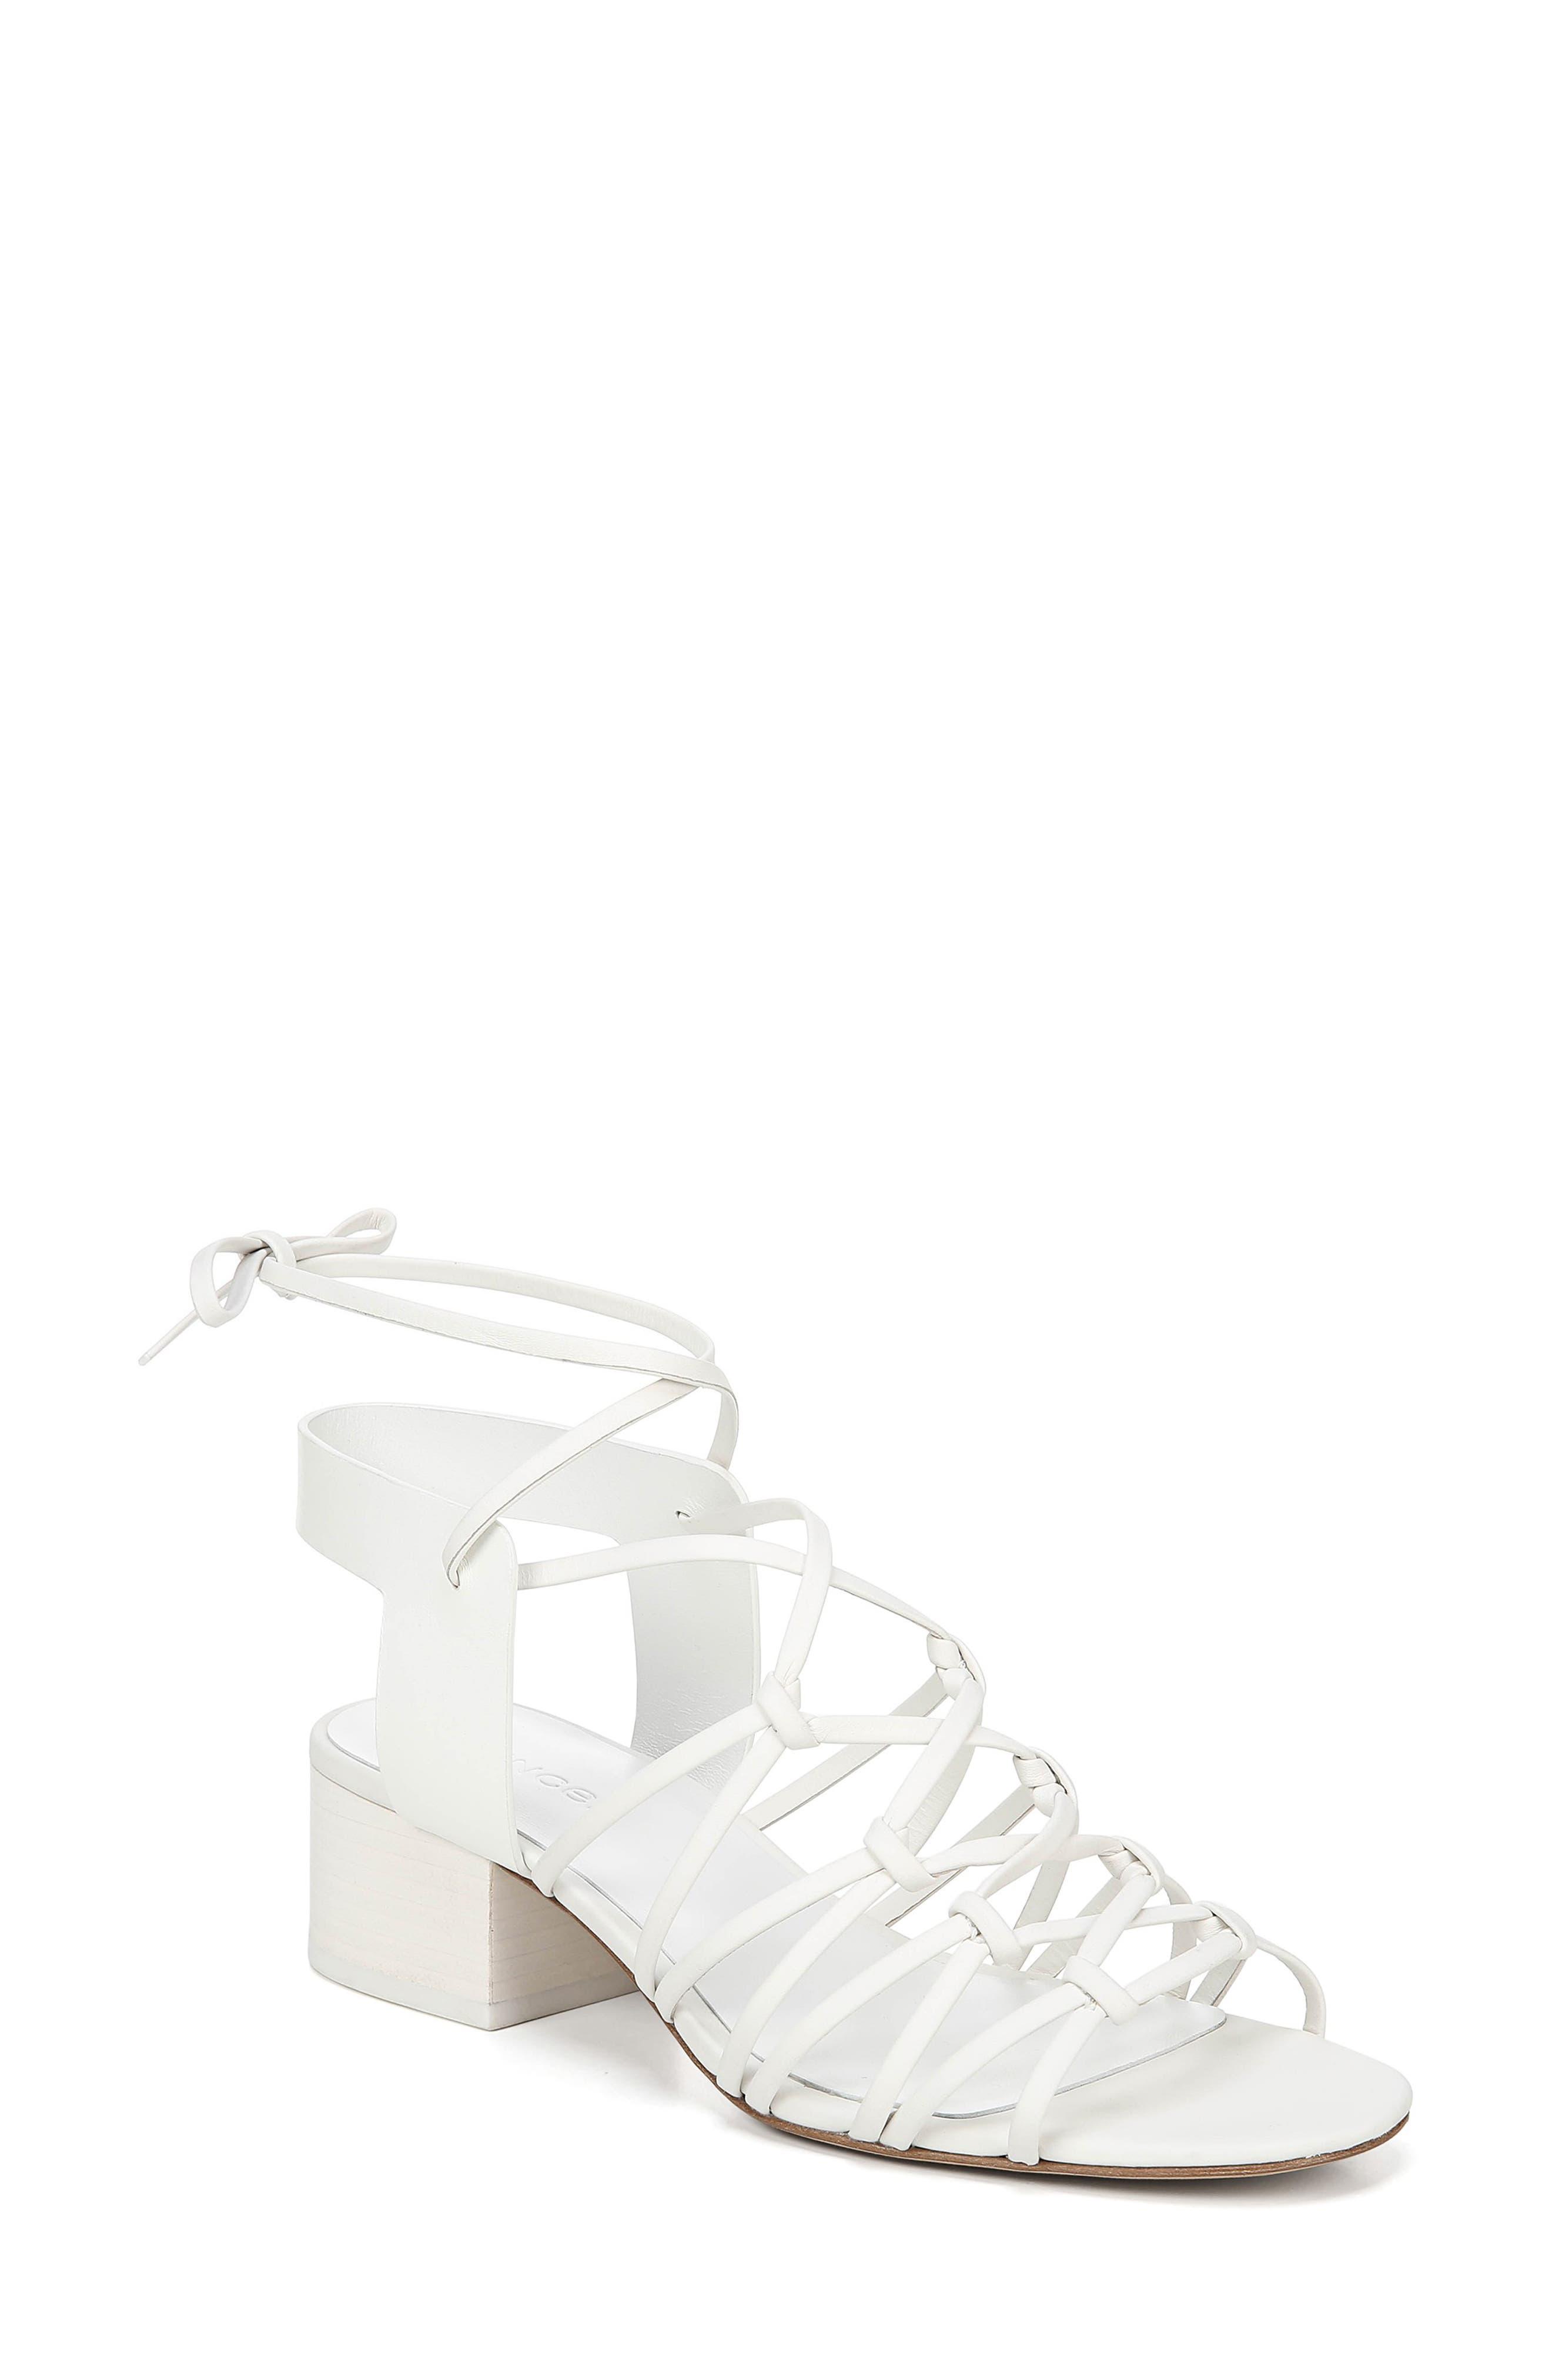 Vince Beautmont Lace-Up Sandal, White